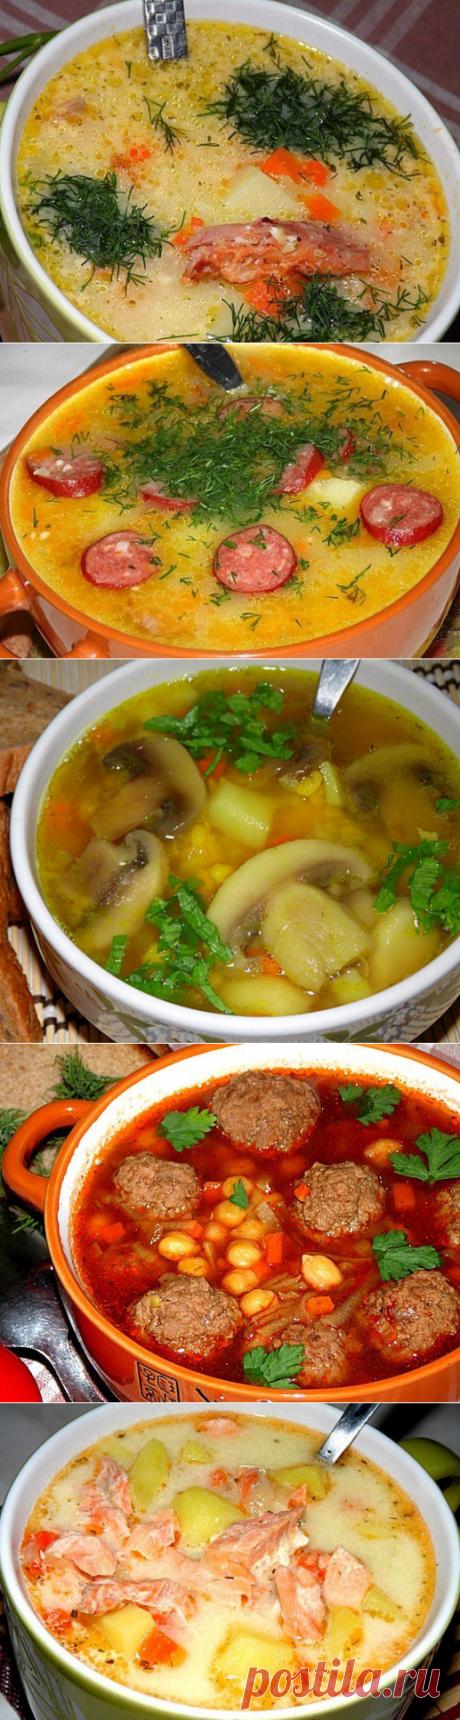 10 простых, но невероятно вкусных супов, которые должны быть в арсенале каждой домохозяйки